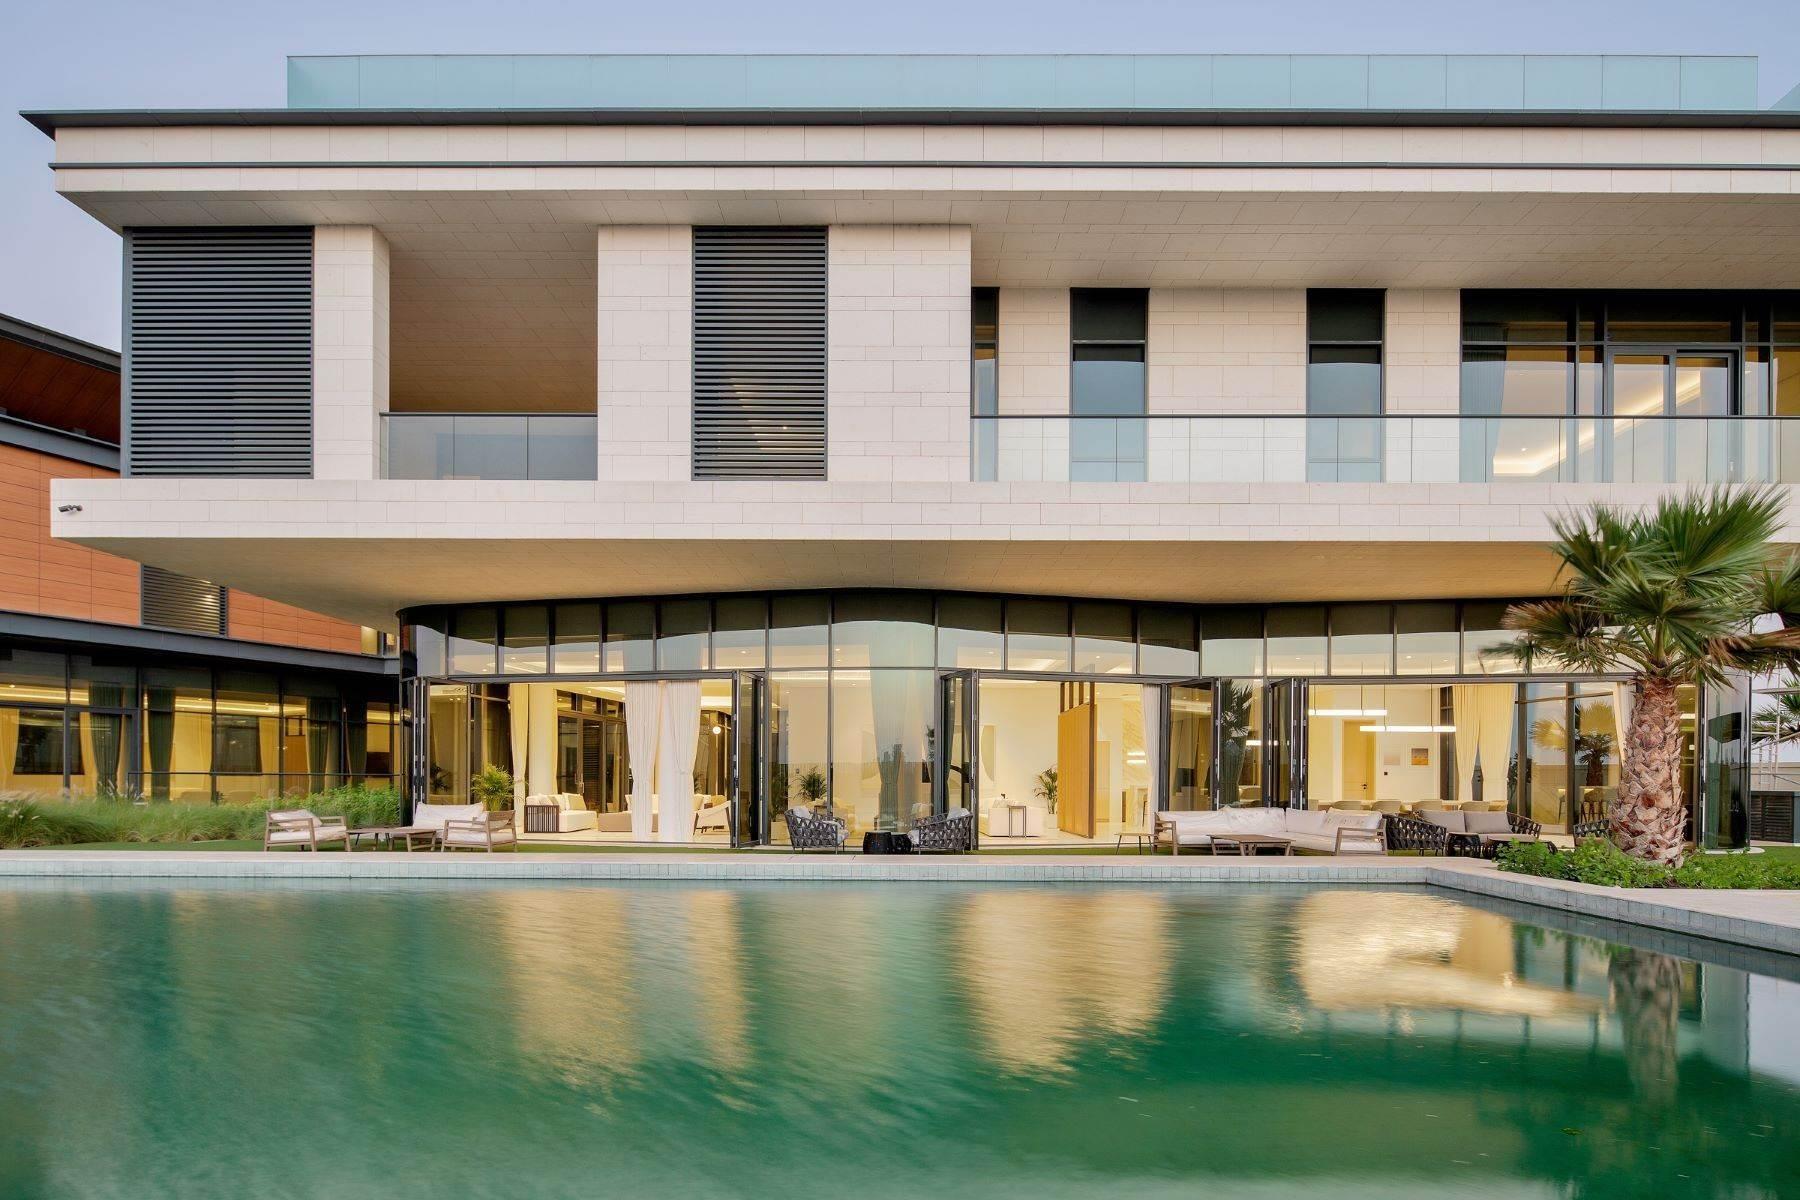 Дубай продажа недвижимости дубай описание города на английском